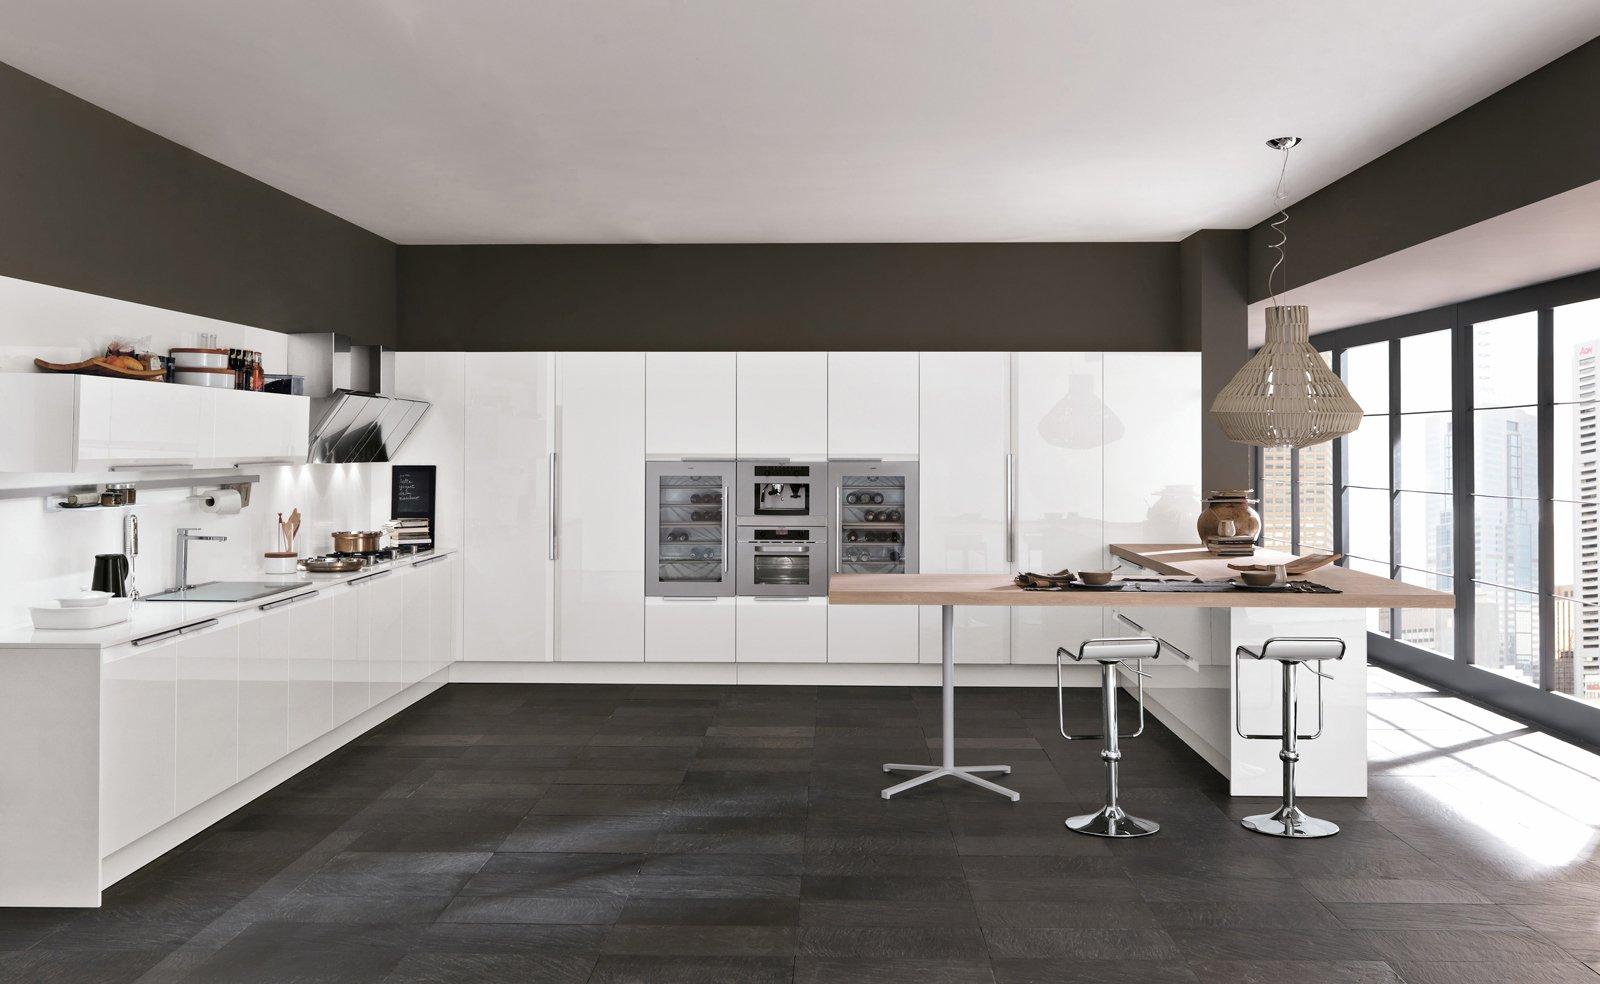 vovell.com | pavimento cotto disegno - Costo Cucine Scavolini